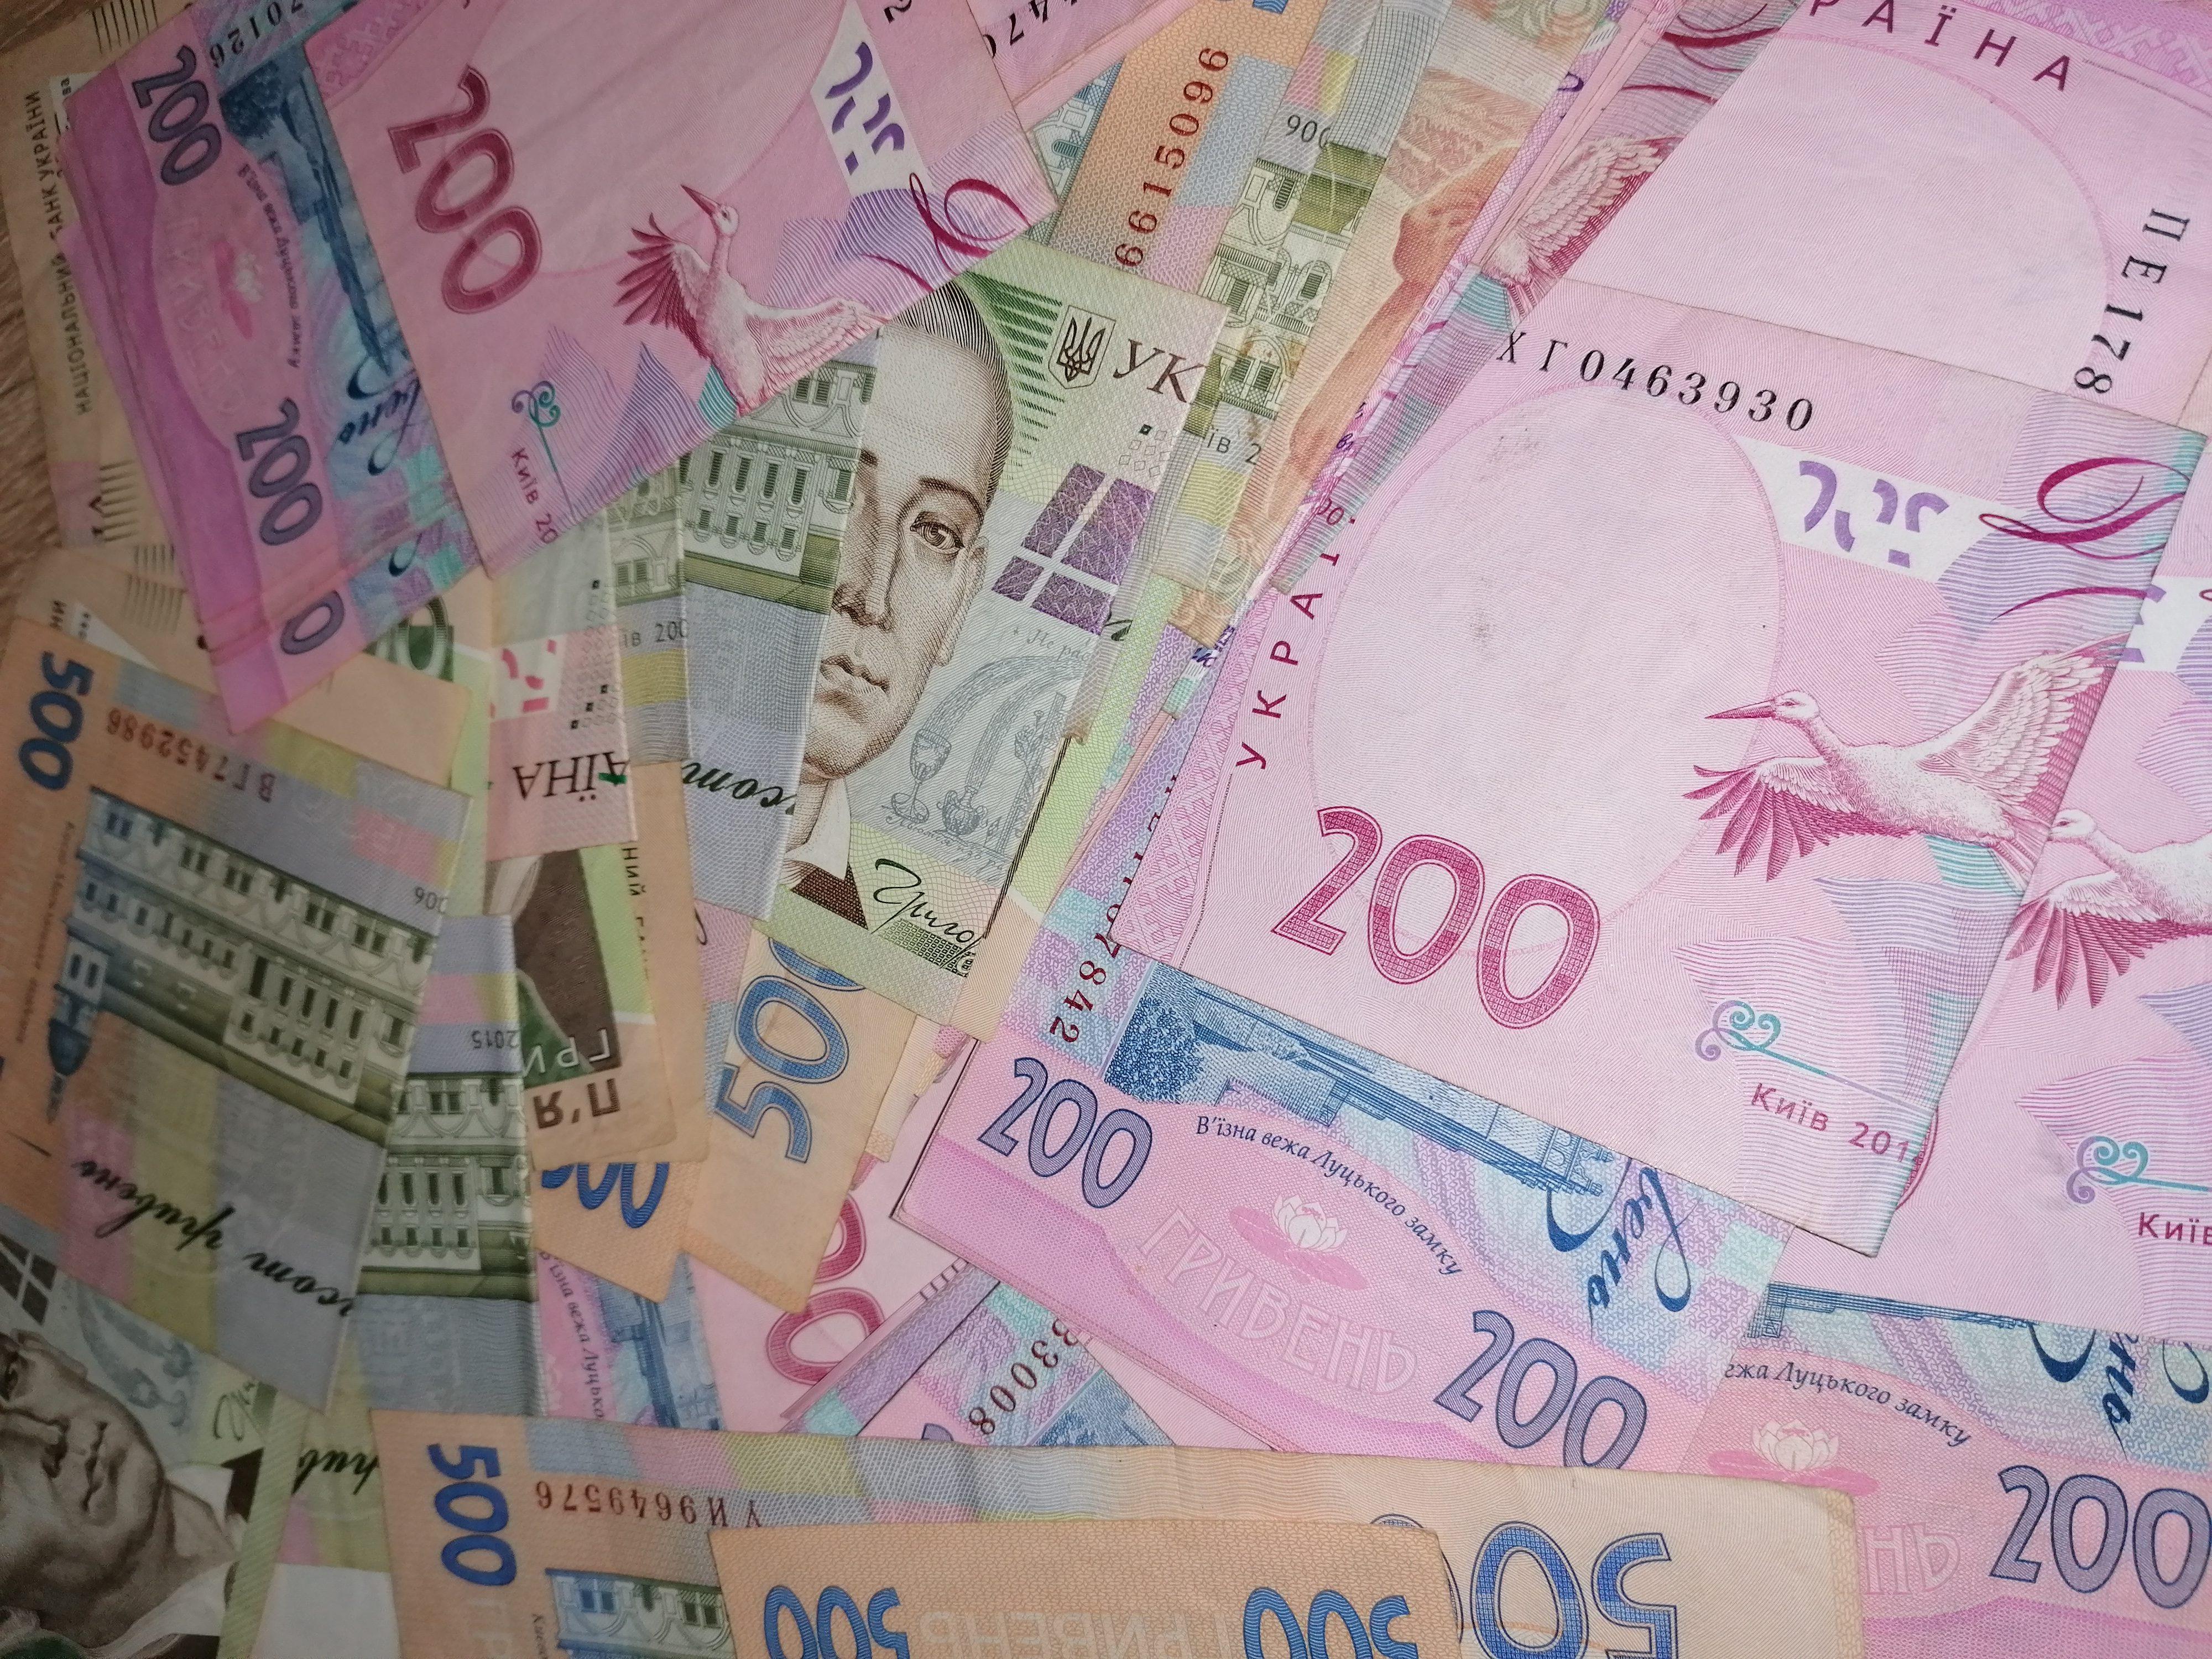 Кто из полтавских предпринимателей может получить 8 тыс. грн помощи от государства